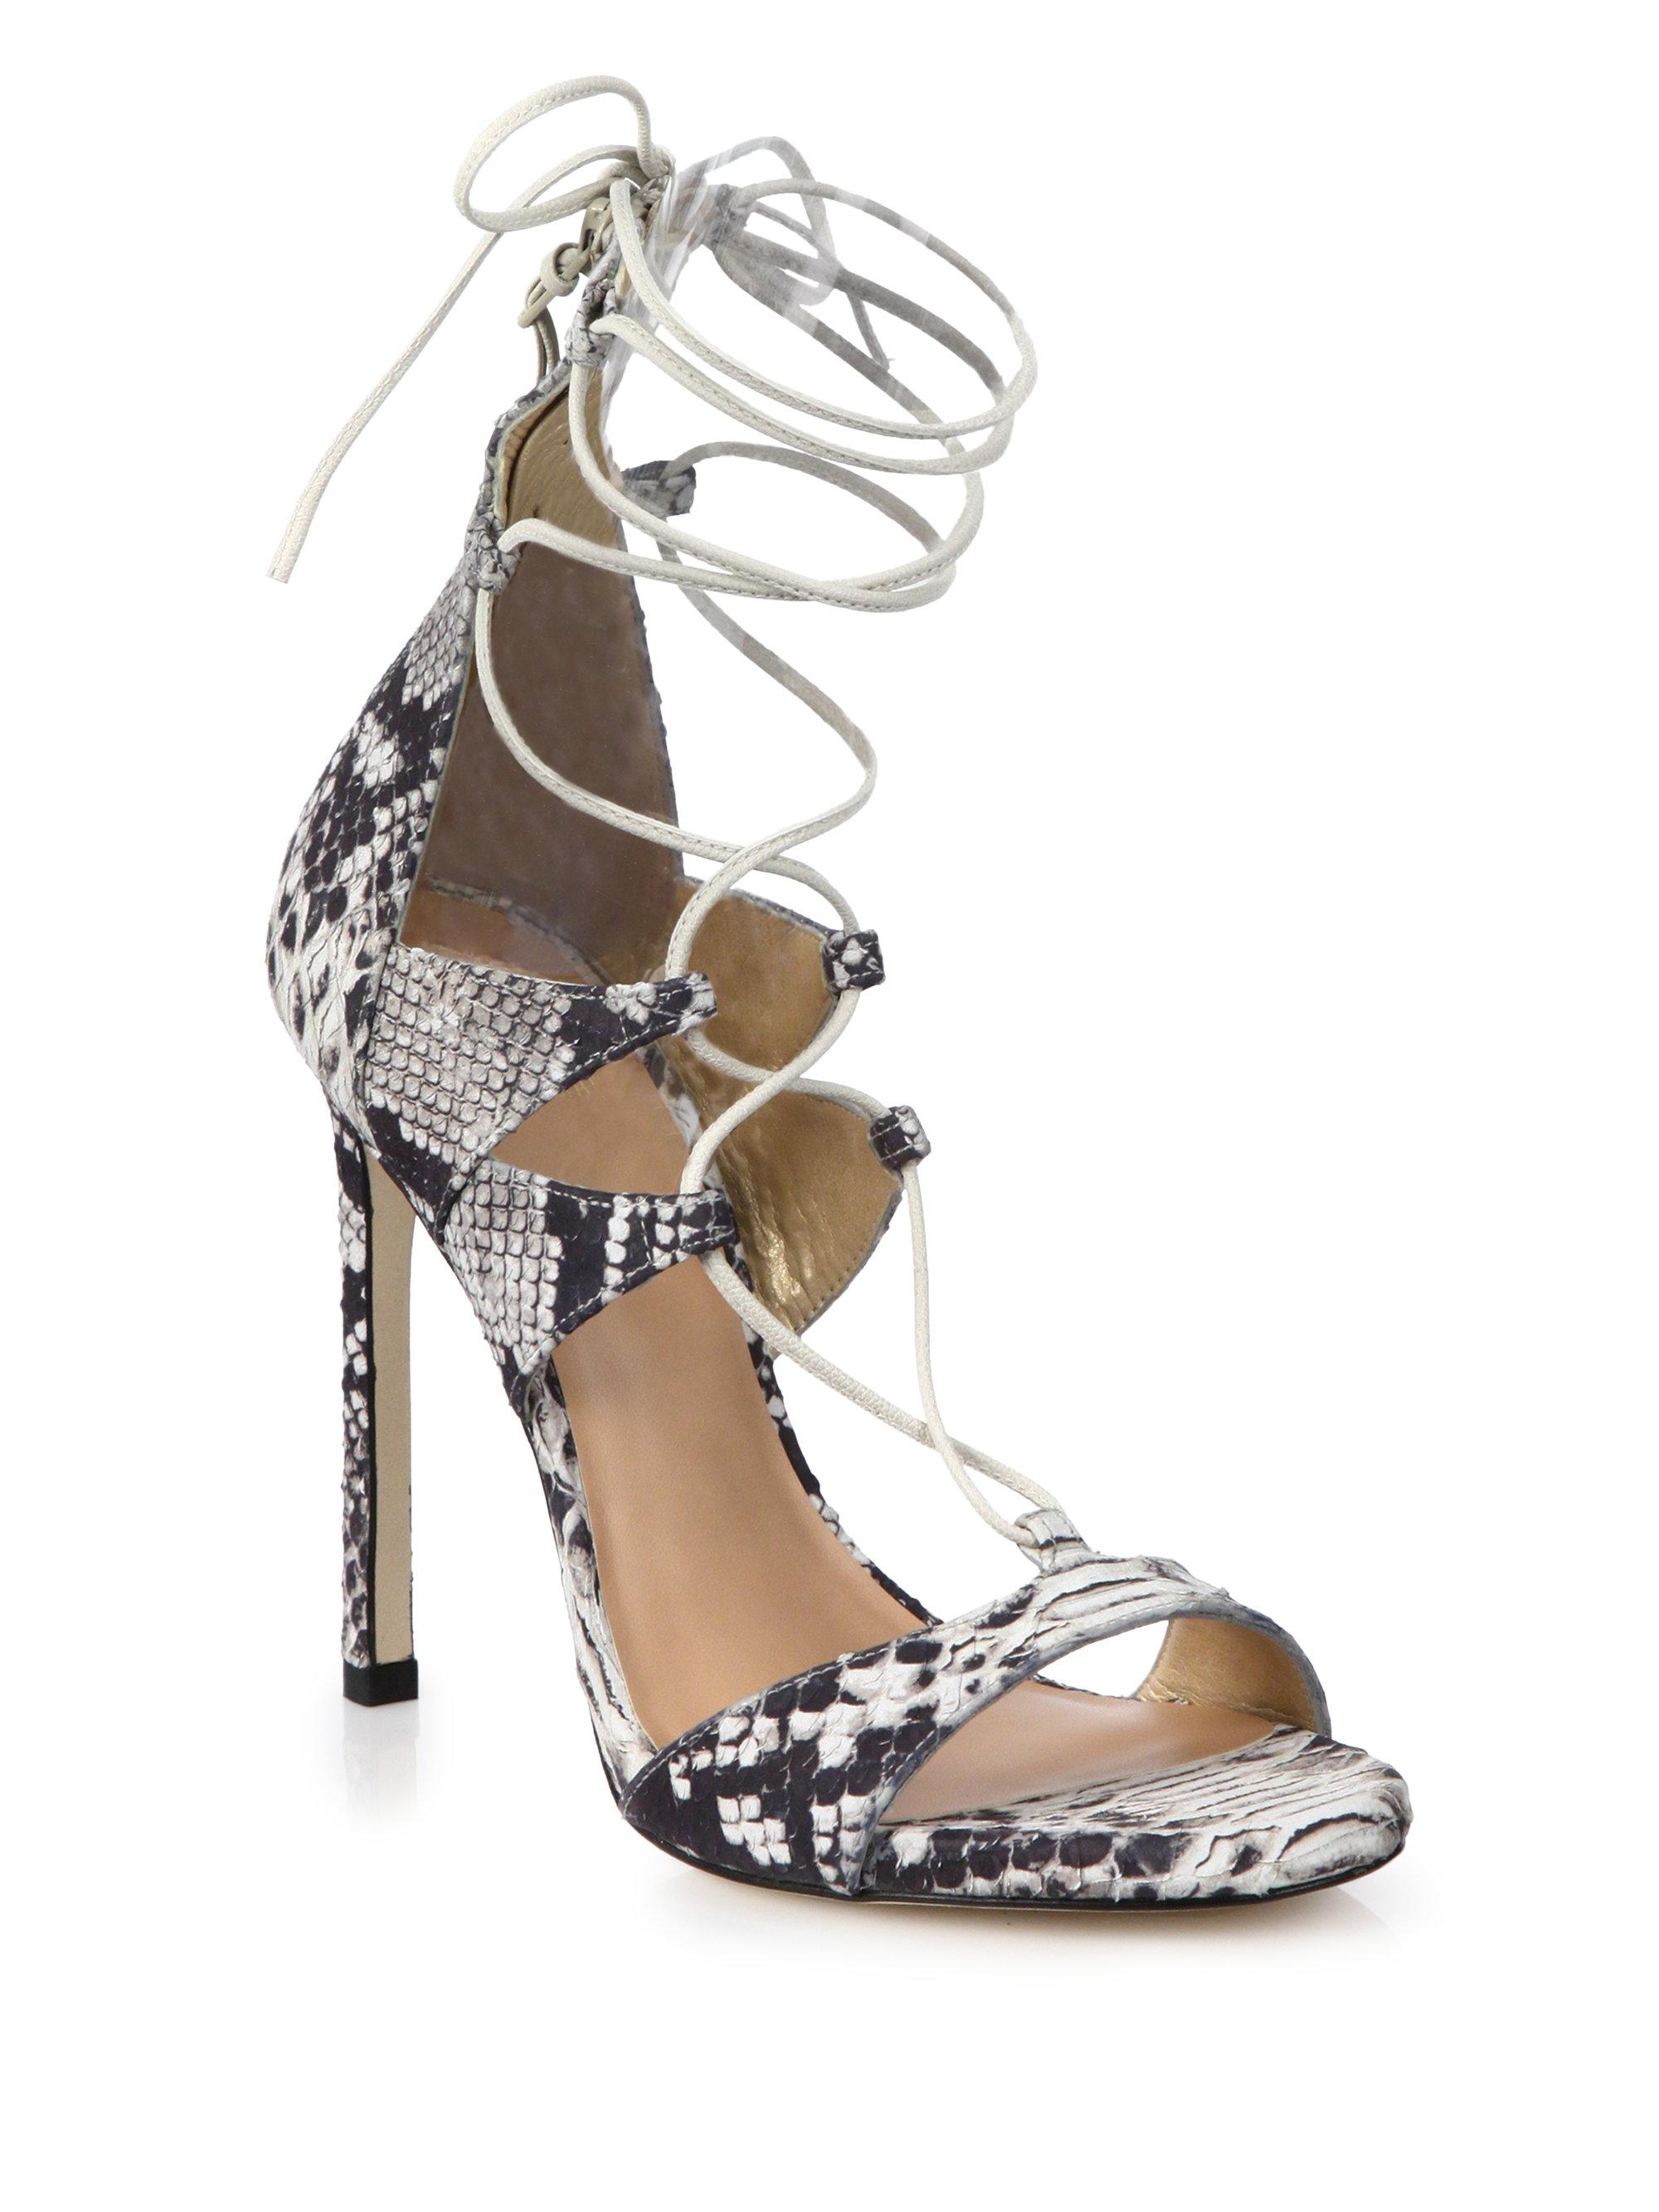 Stuart Weitzman Snakeskin Caged Sandals cheap buy CBeGk886